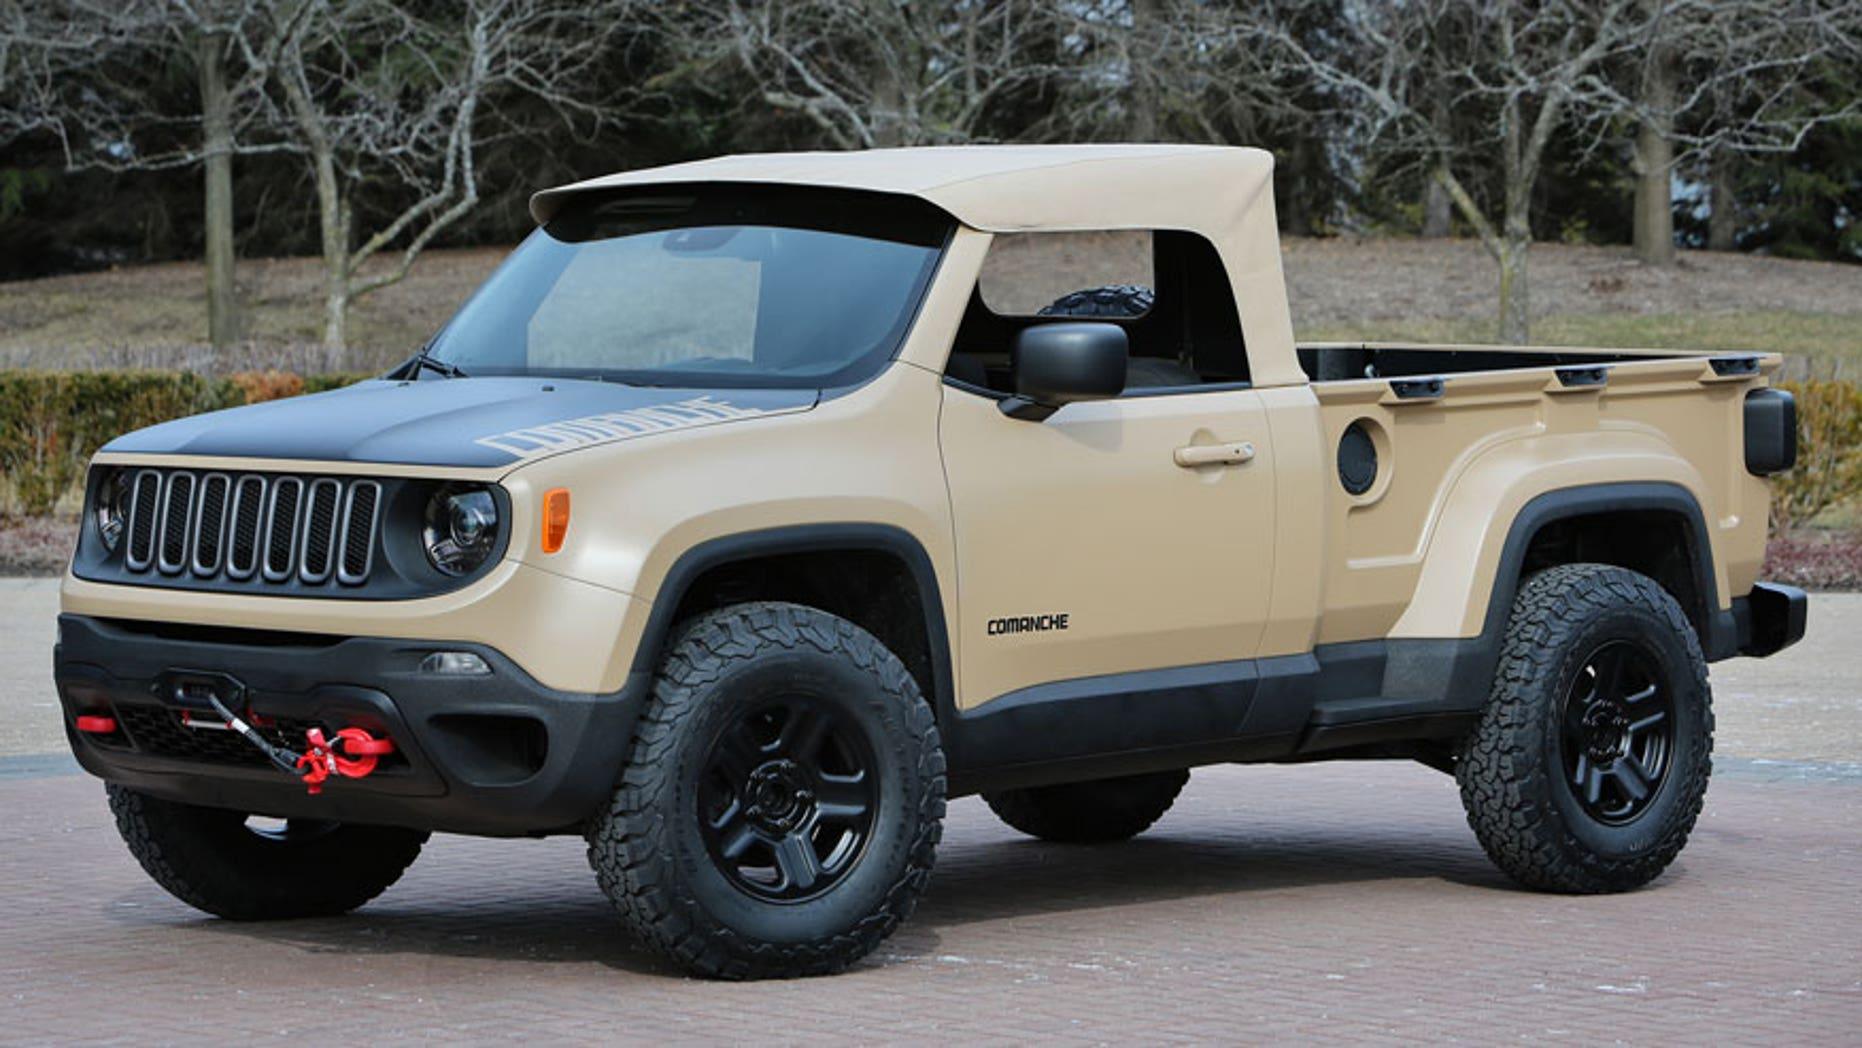 New Jeep Comanche Is A Small Hauler Fox News